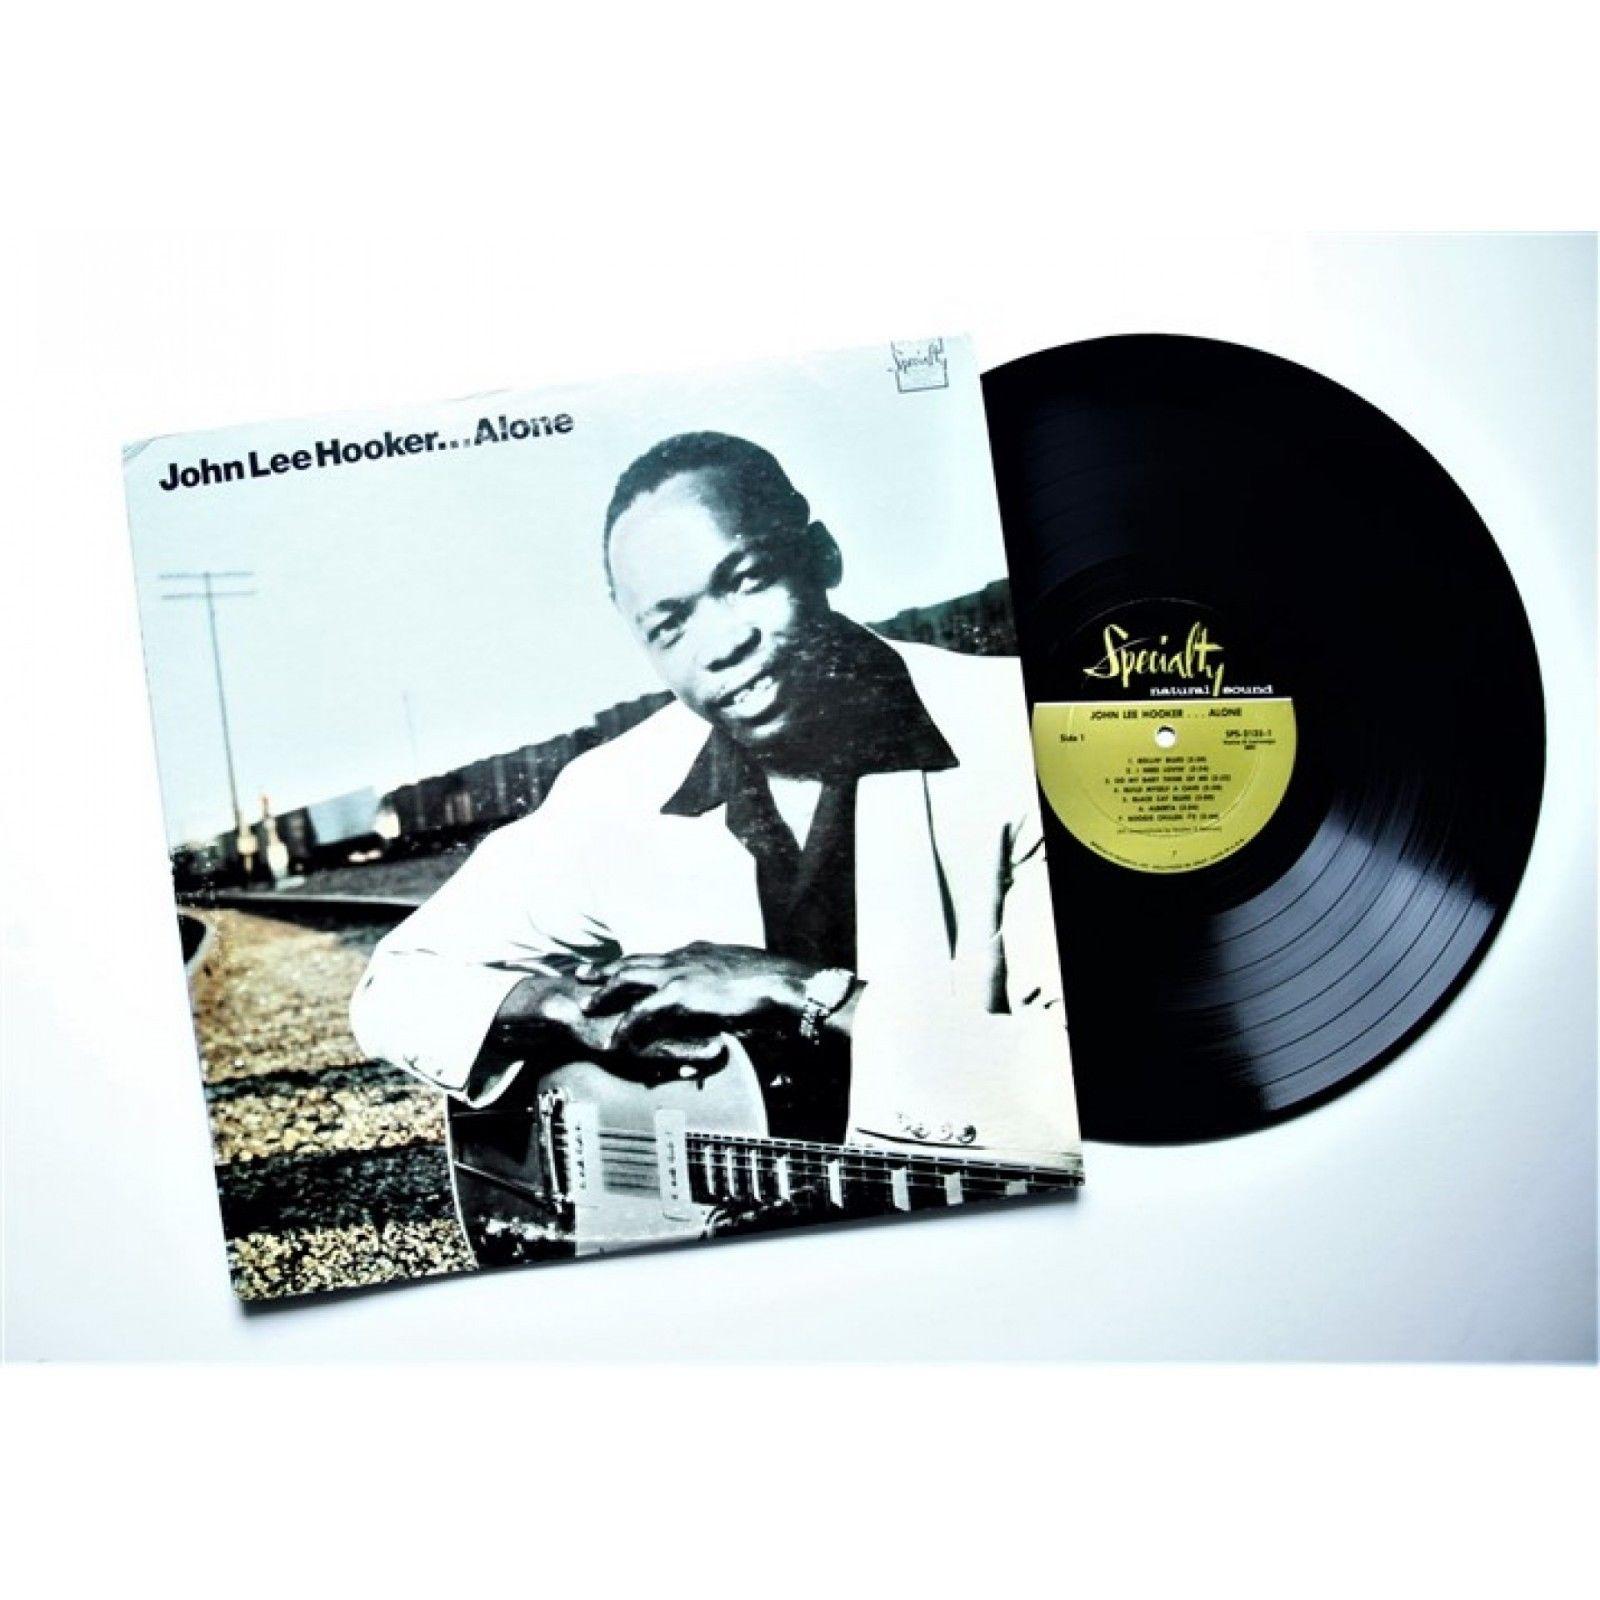 JOHN LEE HOOKER - ALONE - LP USA 1970 - EXCELLENT-